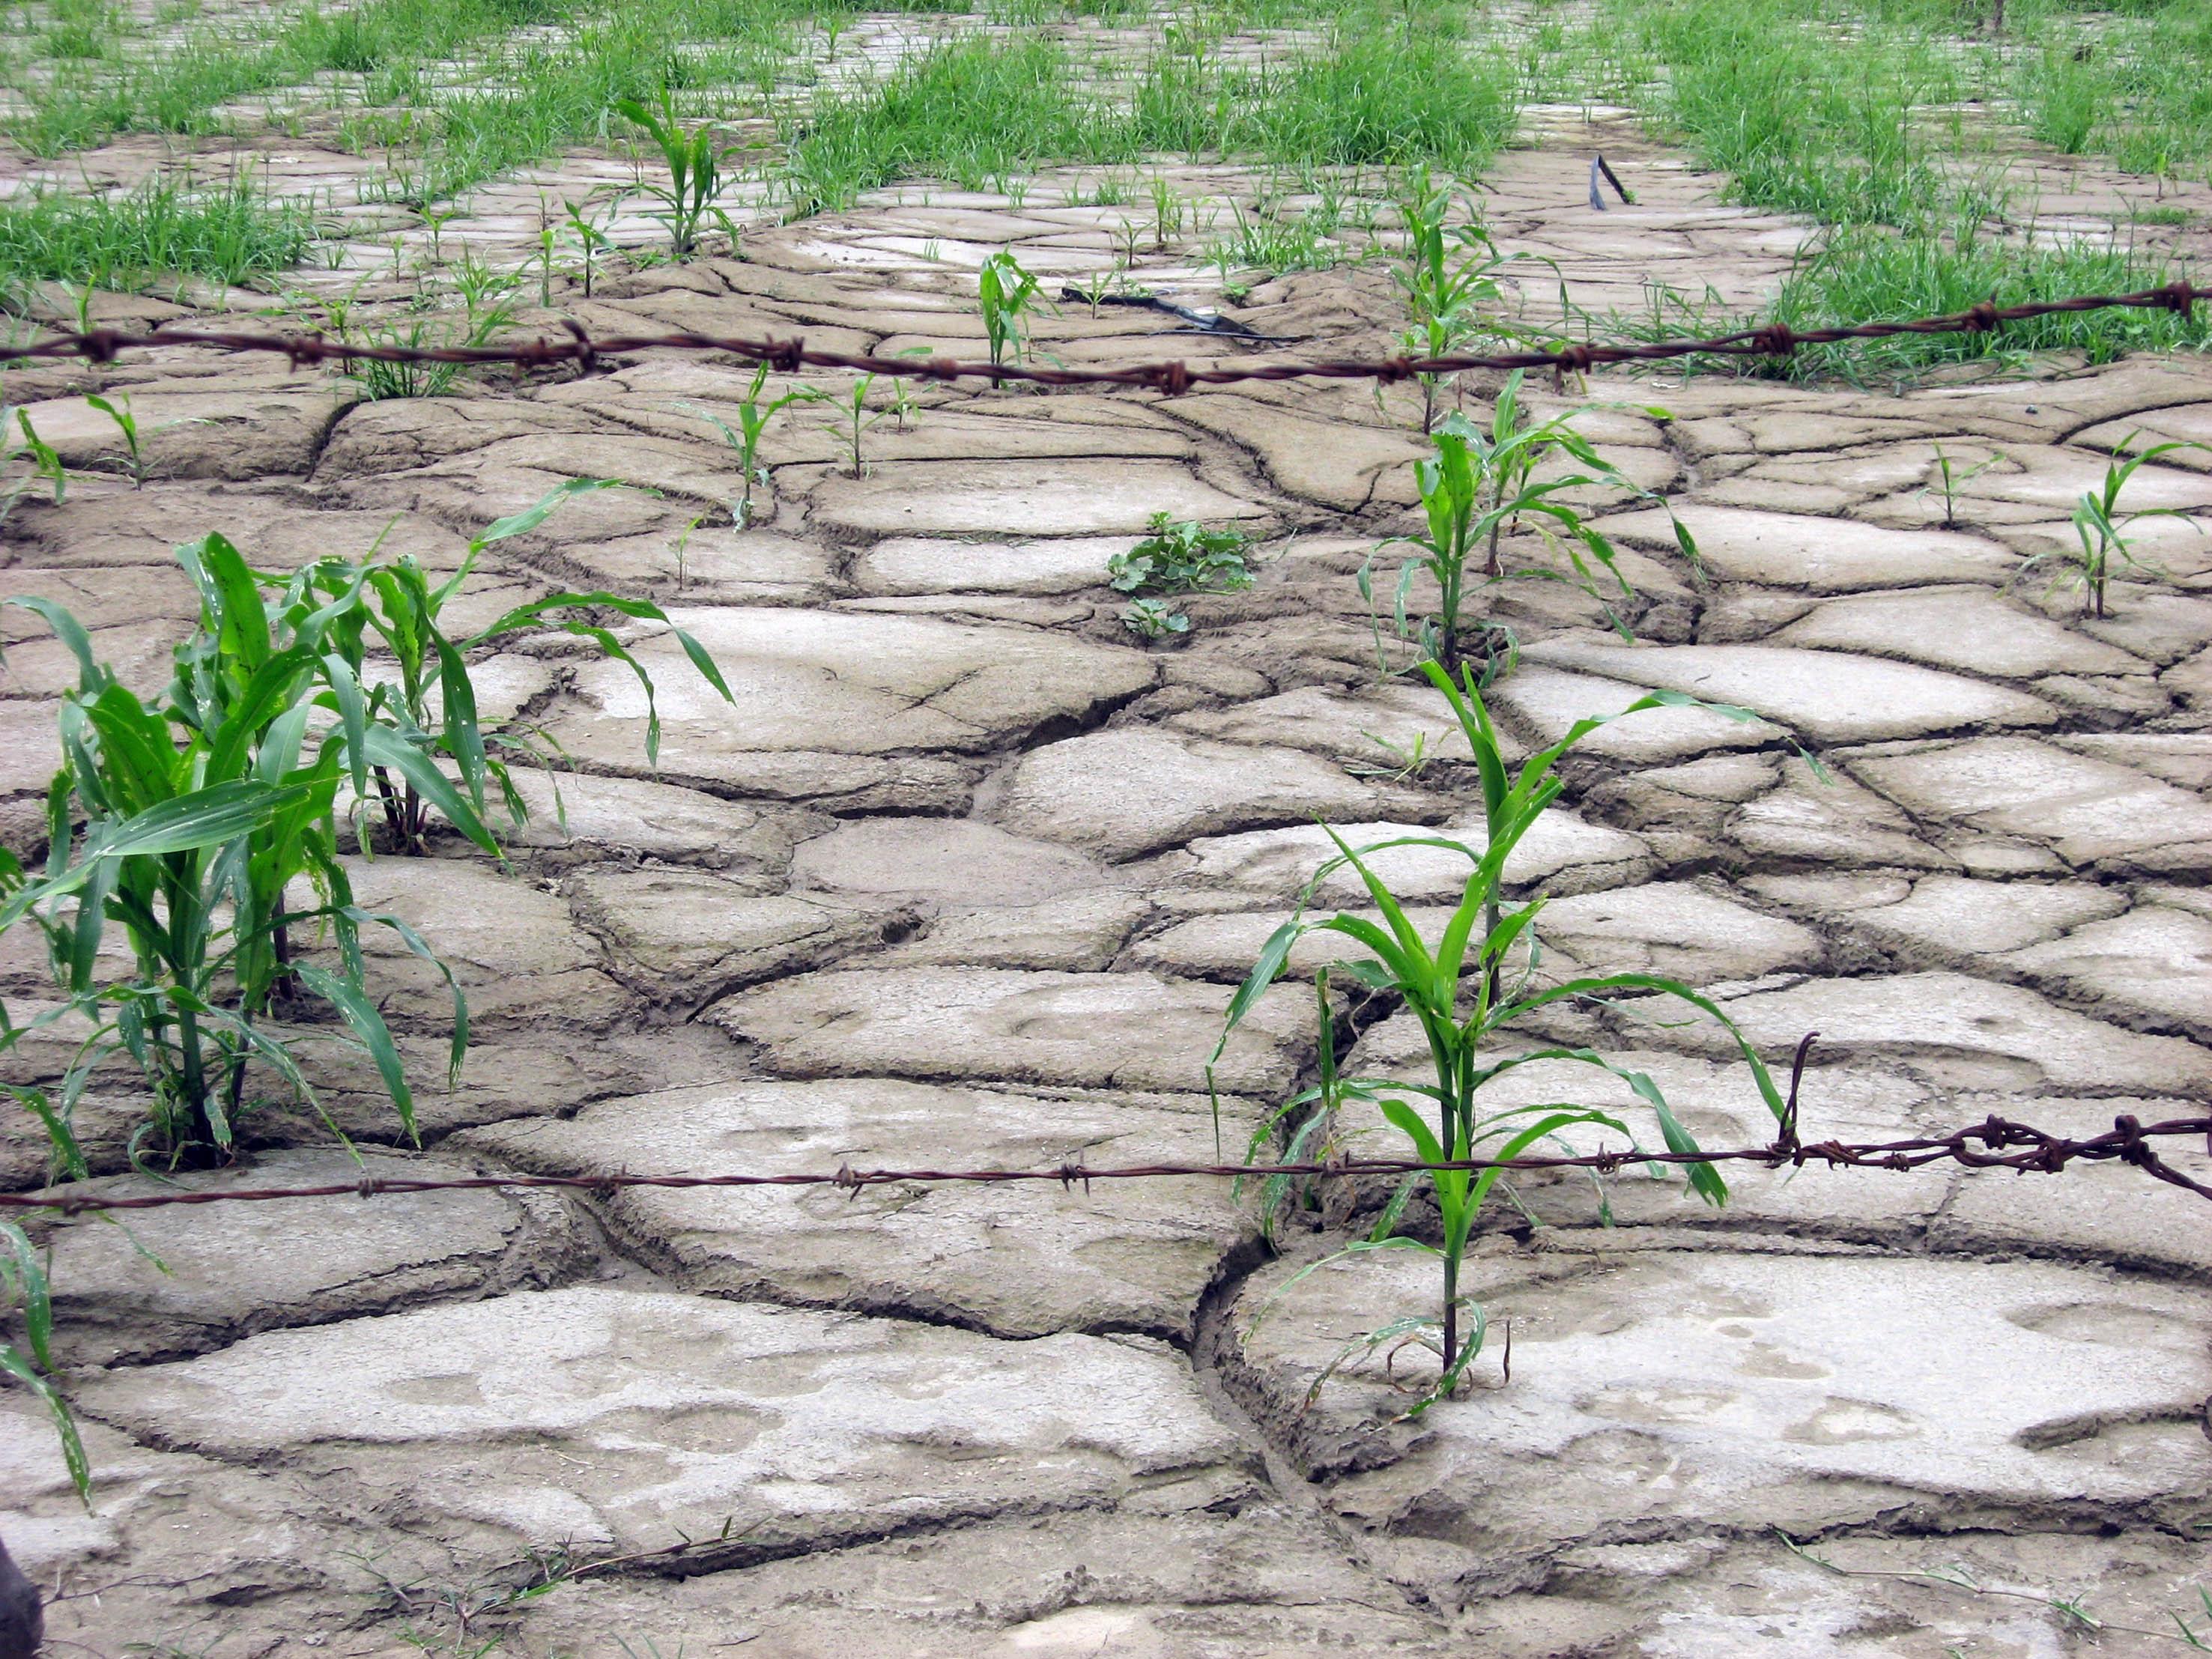 México es uno de los Países con más degradación de suelos